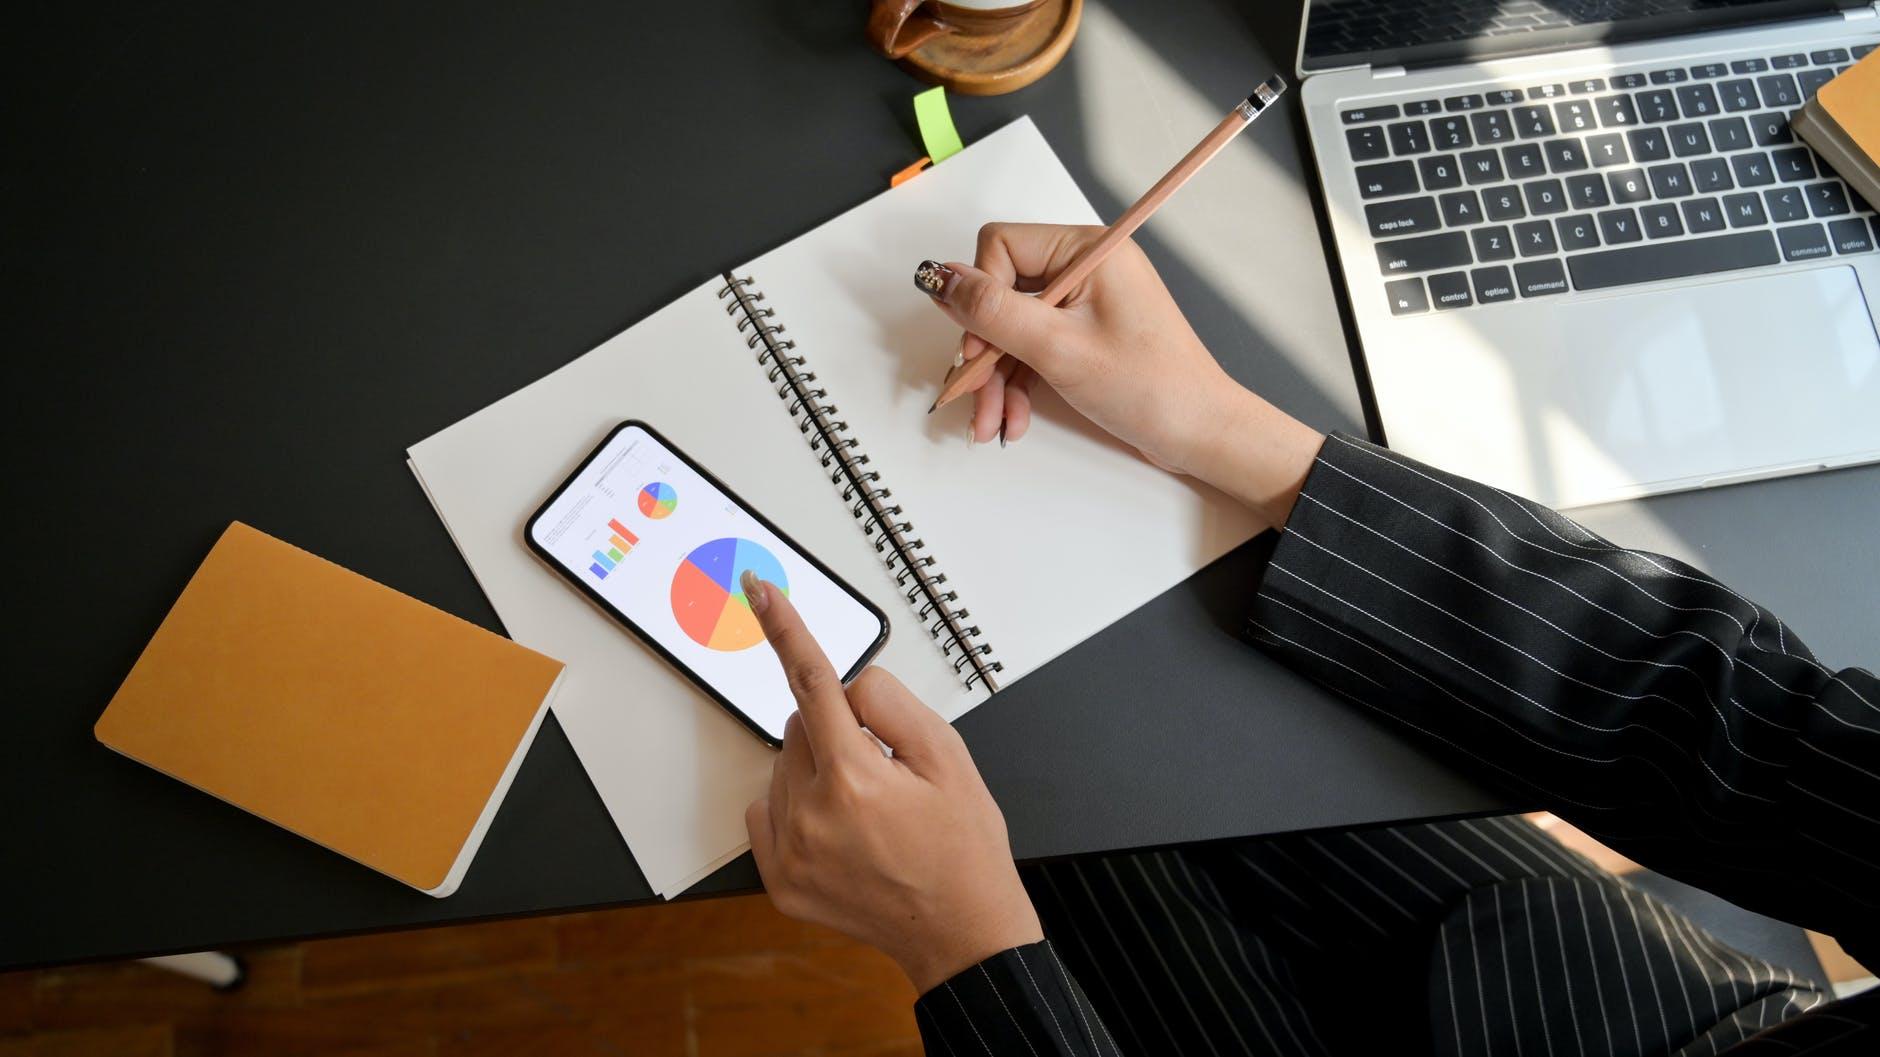 Designing a Simple App Idea